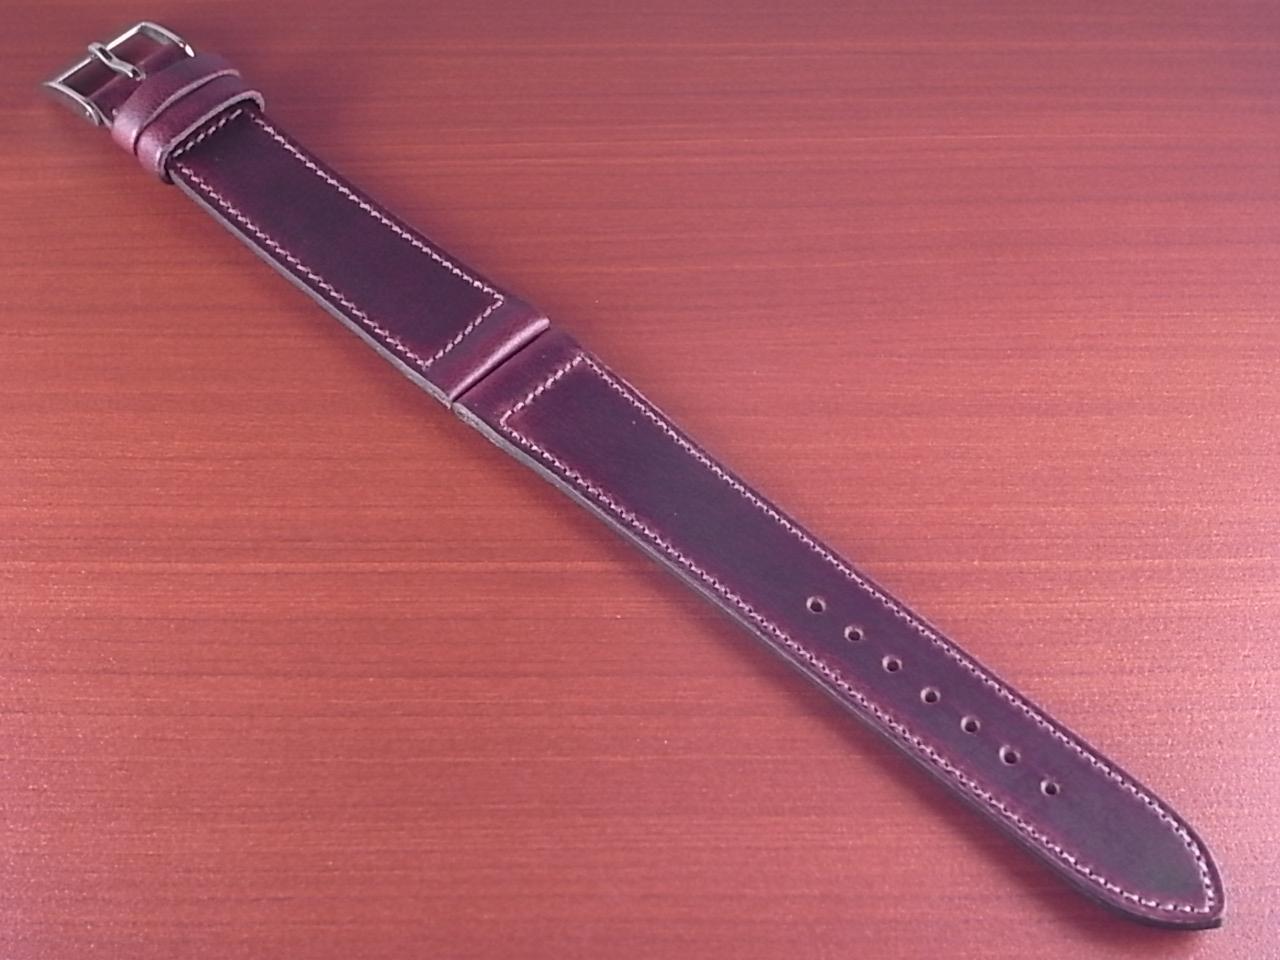 ホーウィン クロムエクセル レギュラー バーガンディ 16、17、18、19、20mmのメイン写真